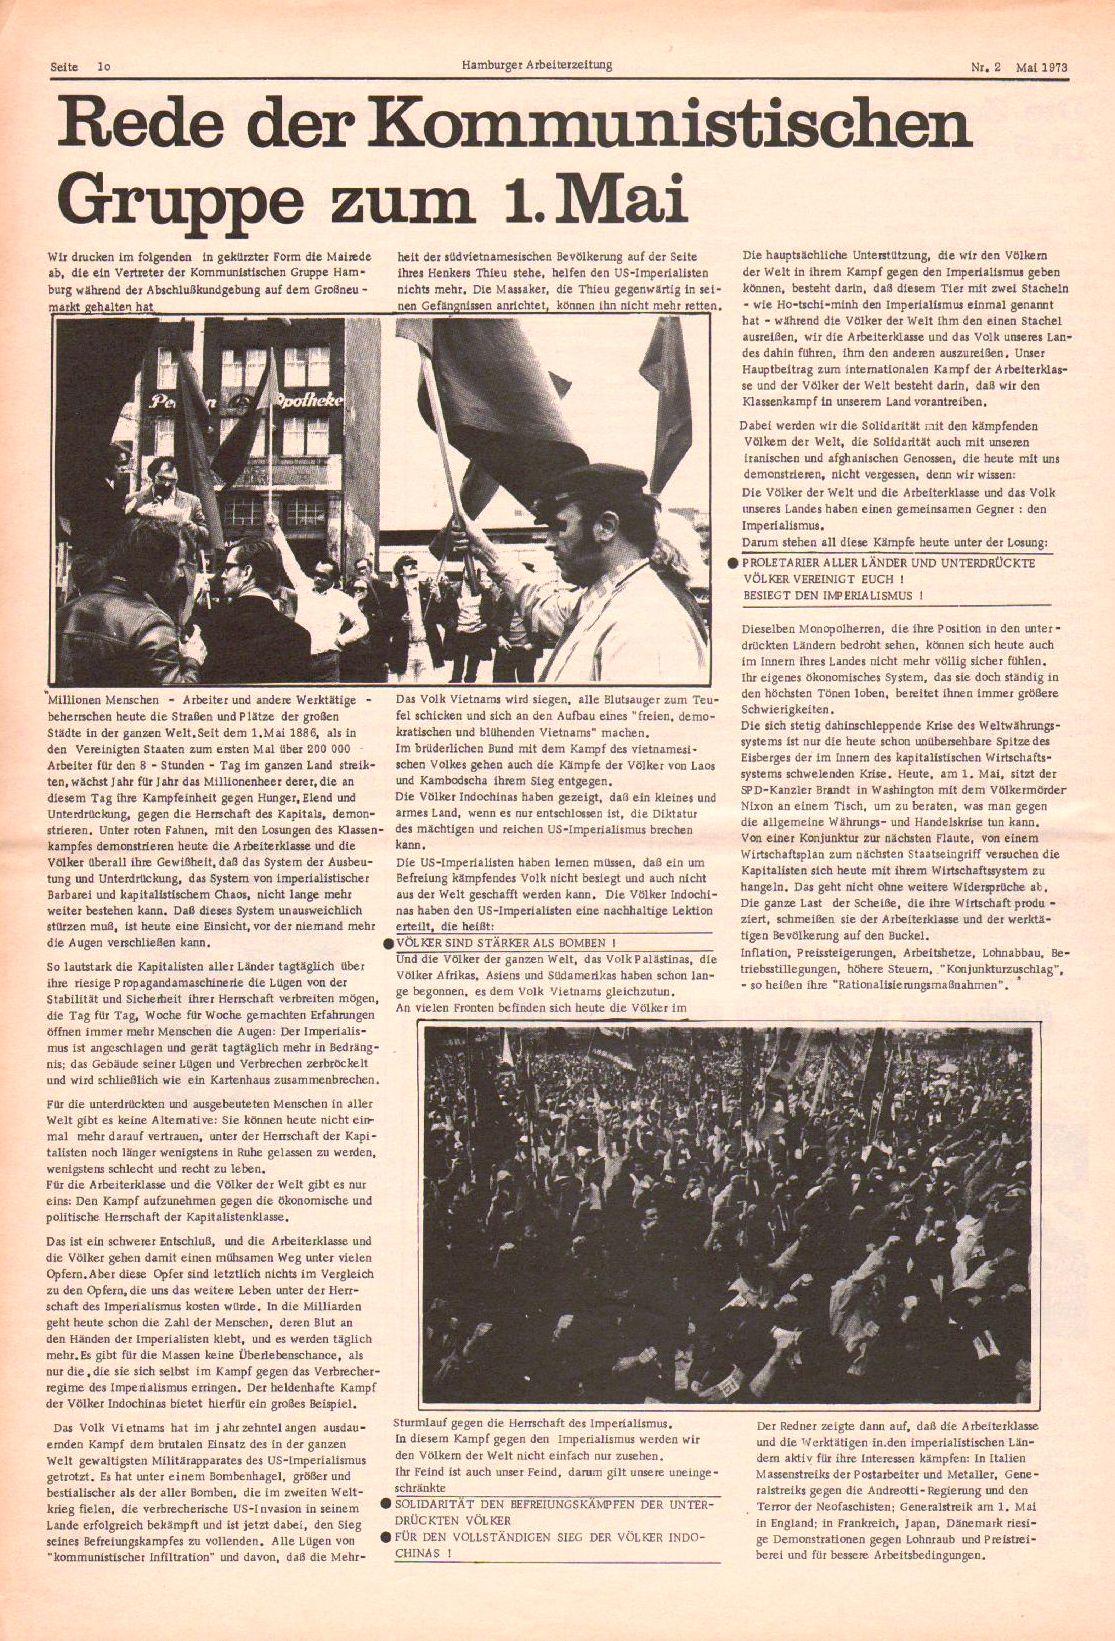 Hamburger_Arbeiterzeitung038